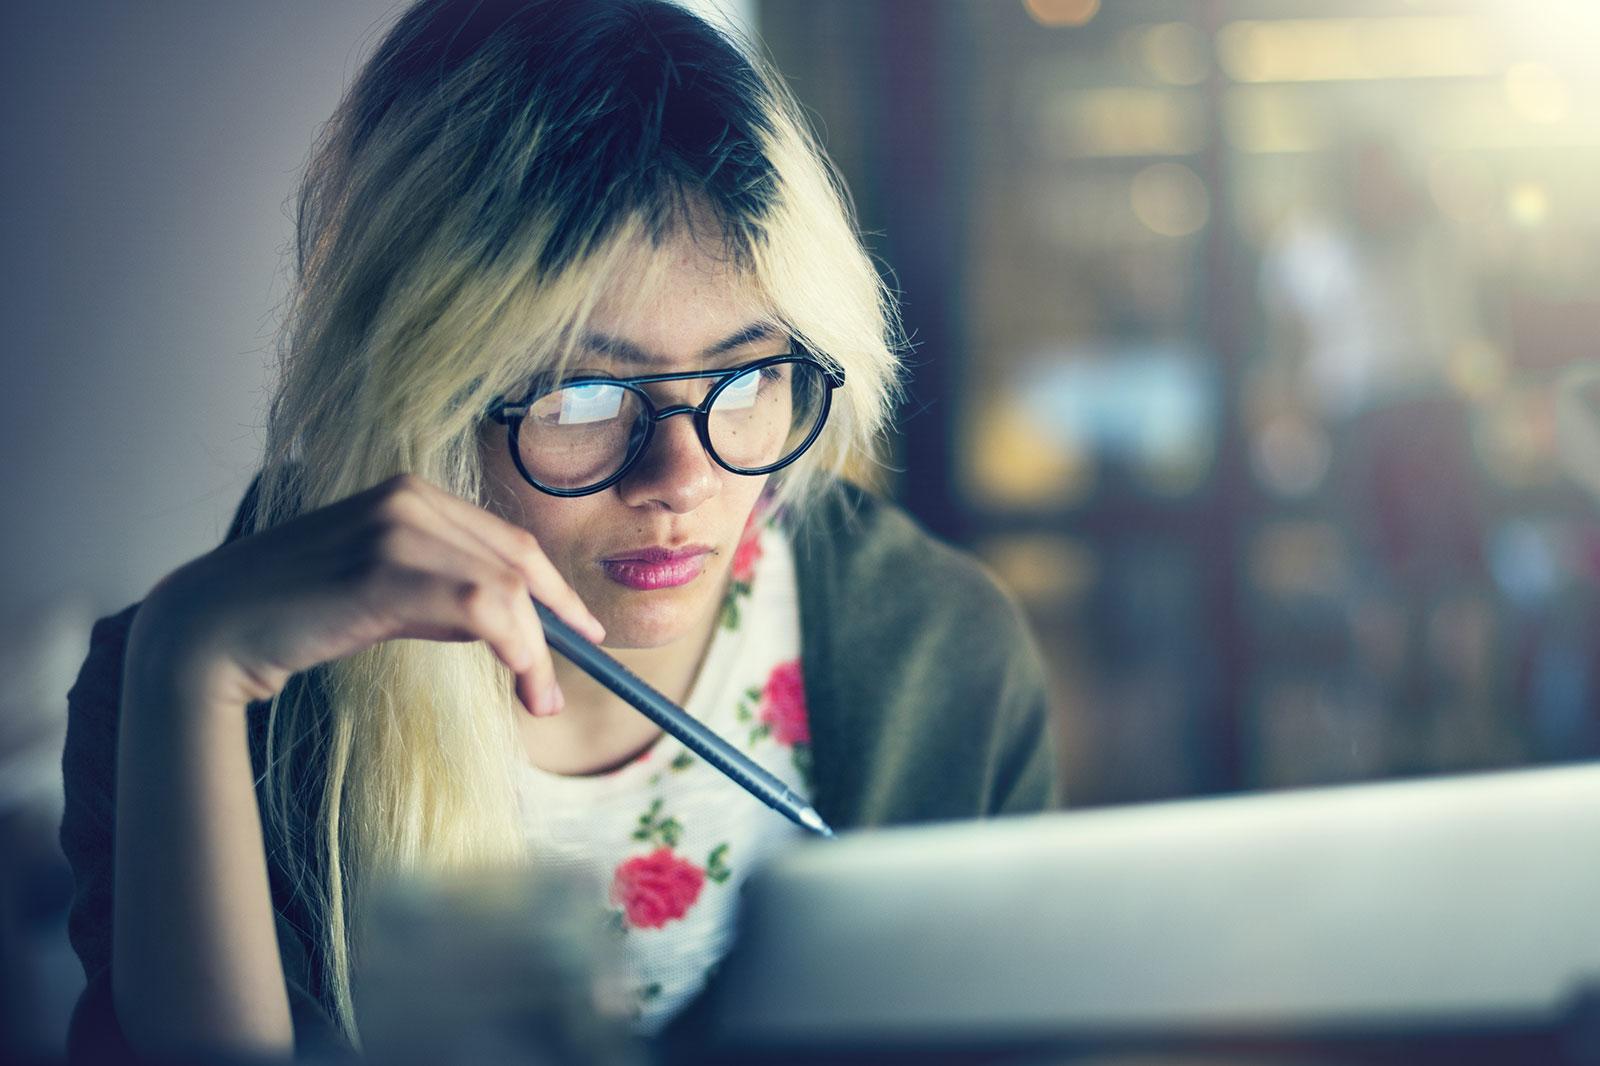 zes belangrijke eigenschappen voor afstudeerders op zoek naar een baan